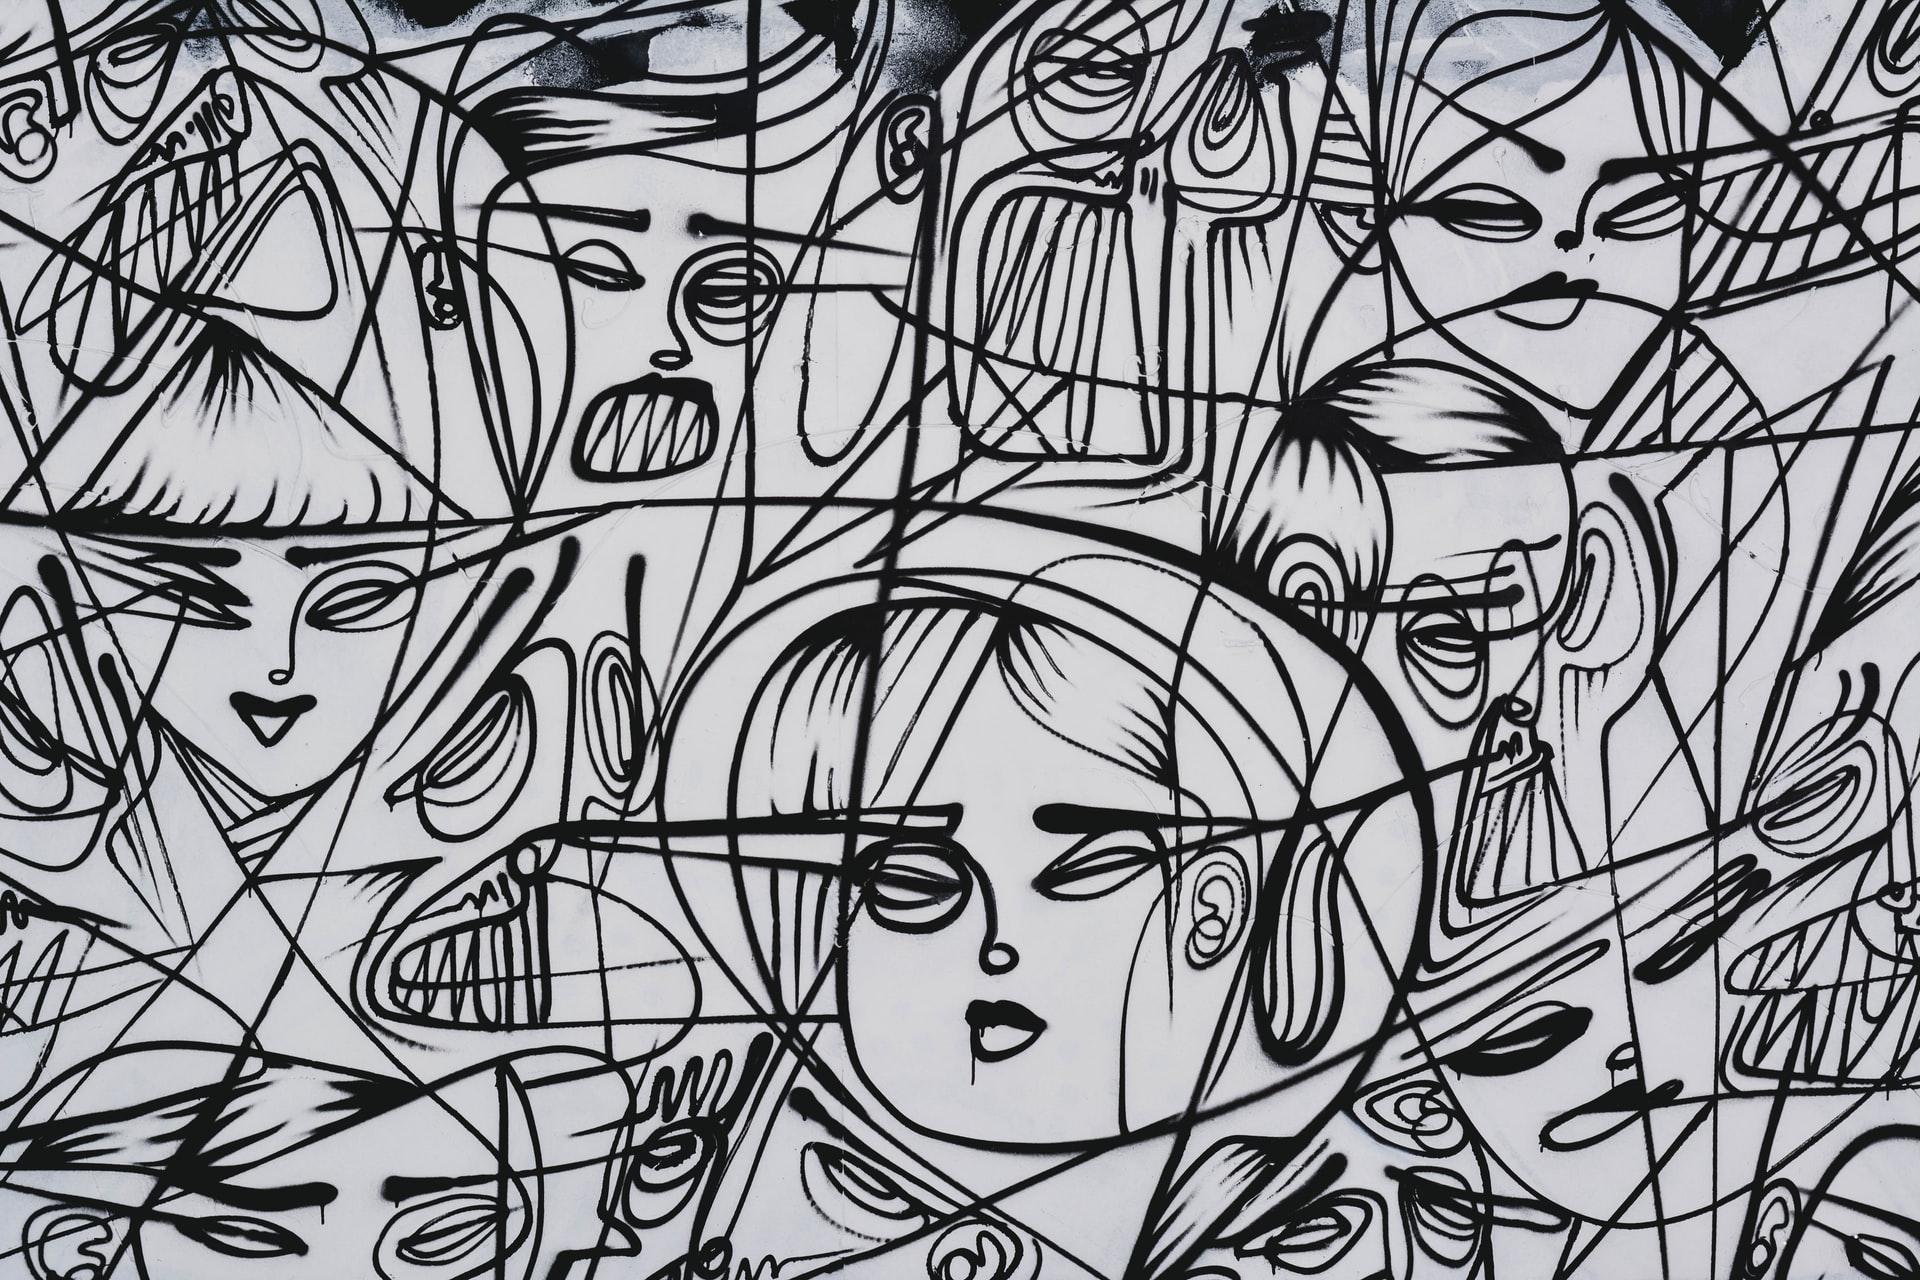 Czy Można W Ogóle Zdefiniować Dokładnie, Czym Jest Sztuka?